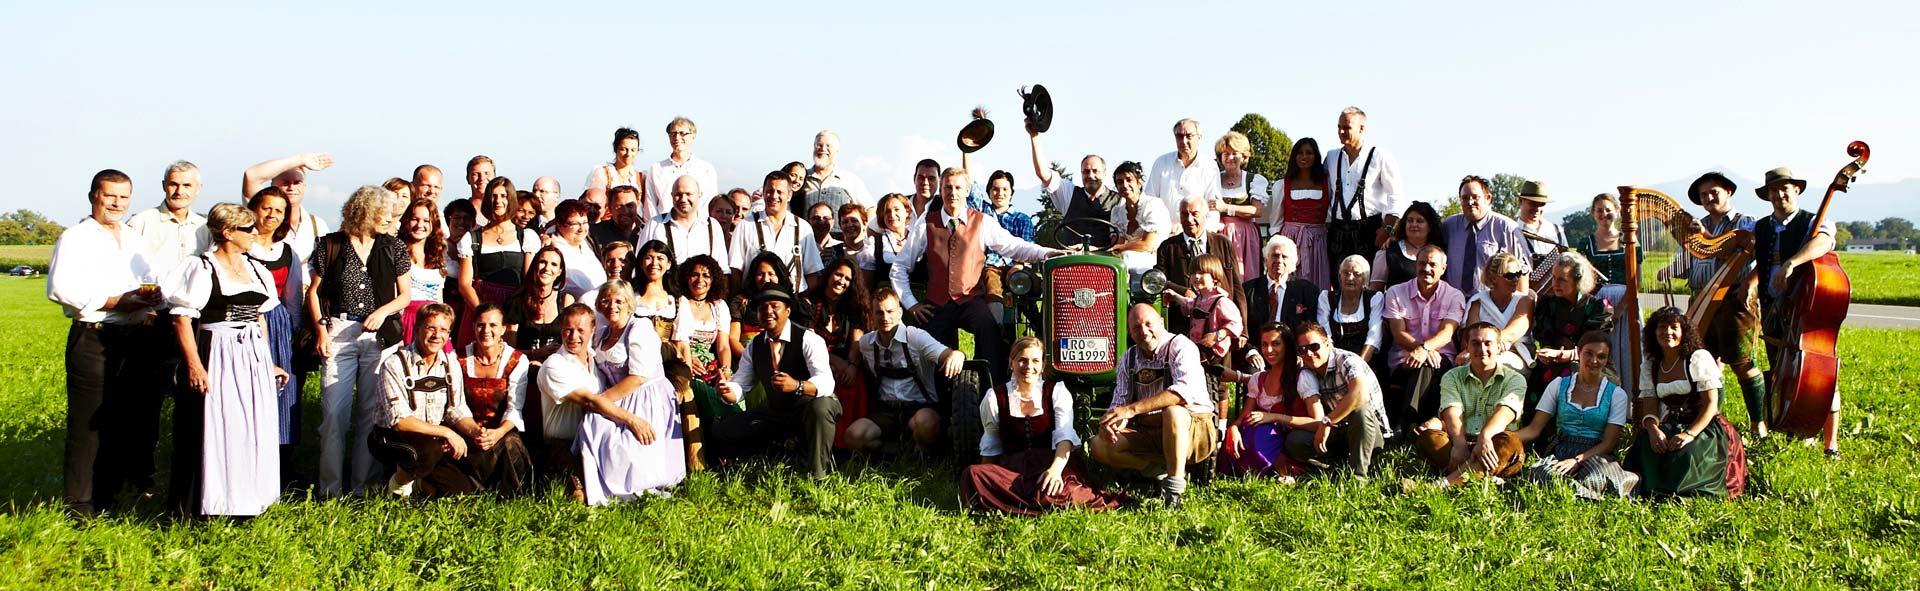 der-gelderstadl-chiemsee-breitbrunn-feiern_01